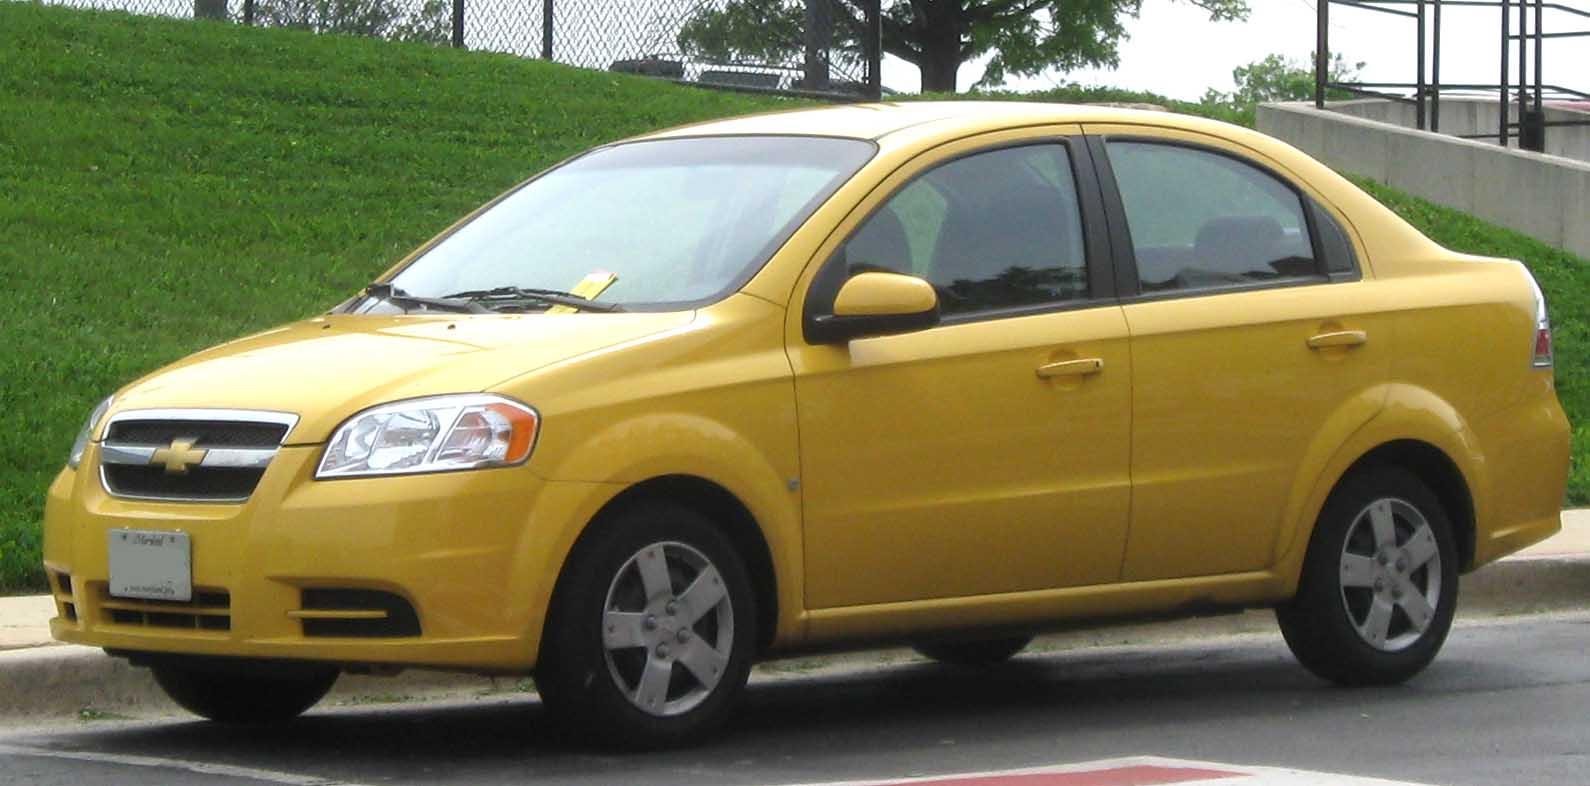 File 07-09 Chevrolet Aveo Jpg